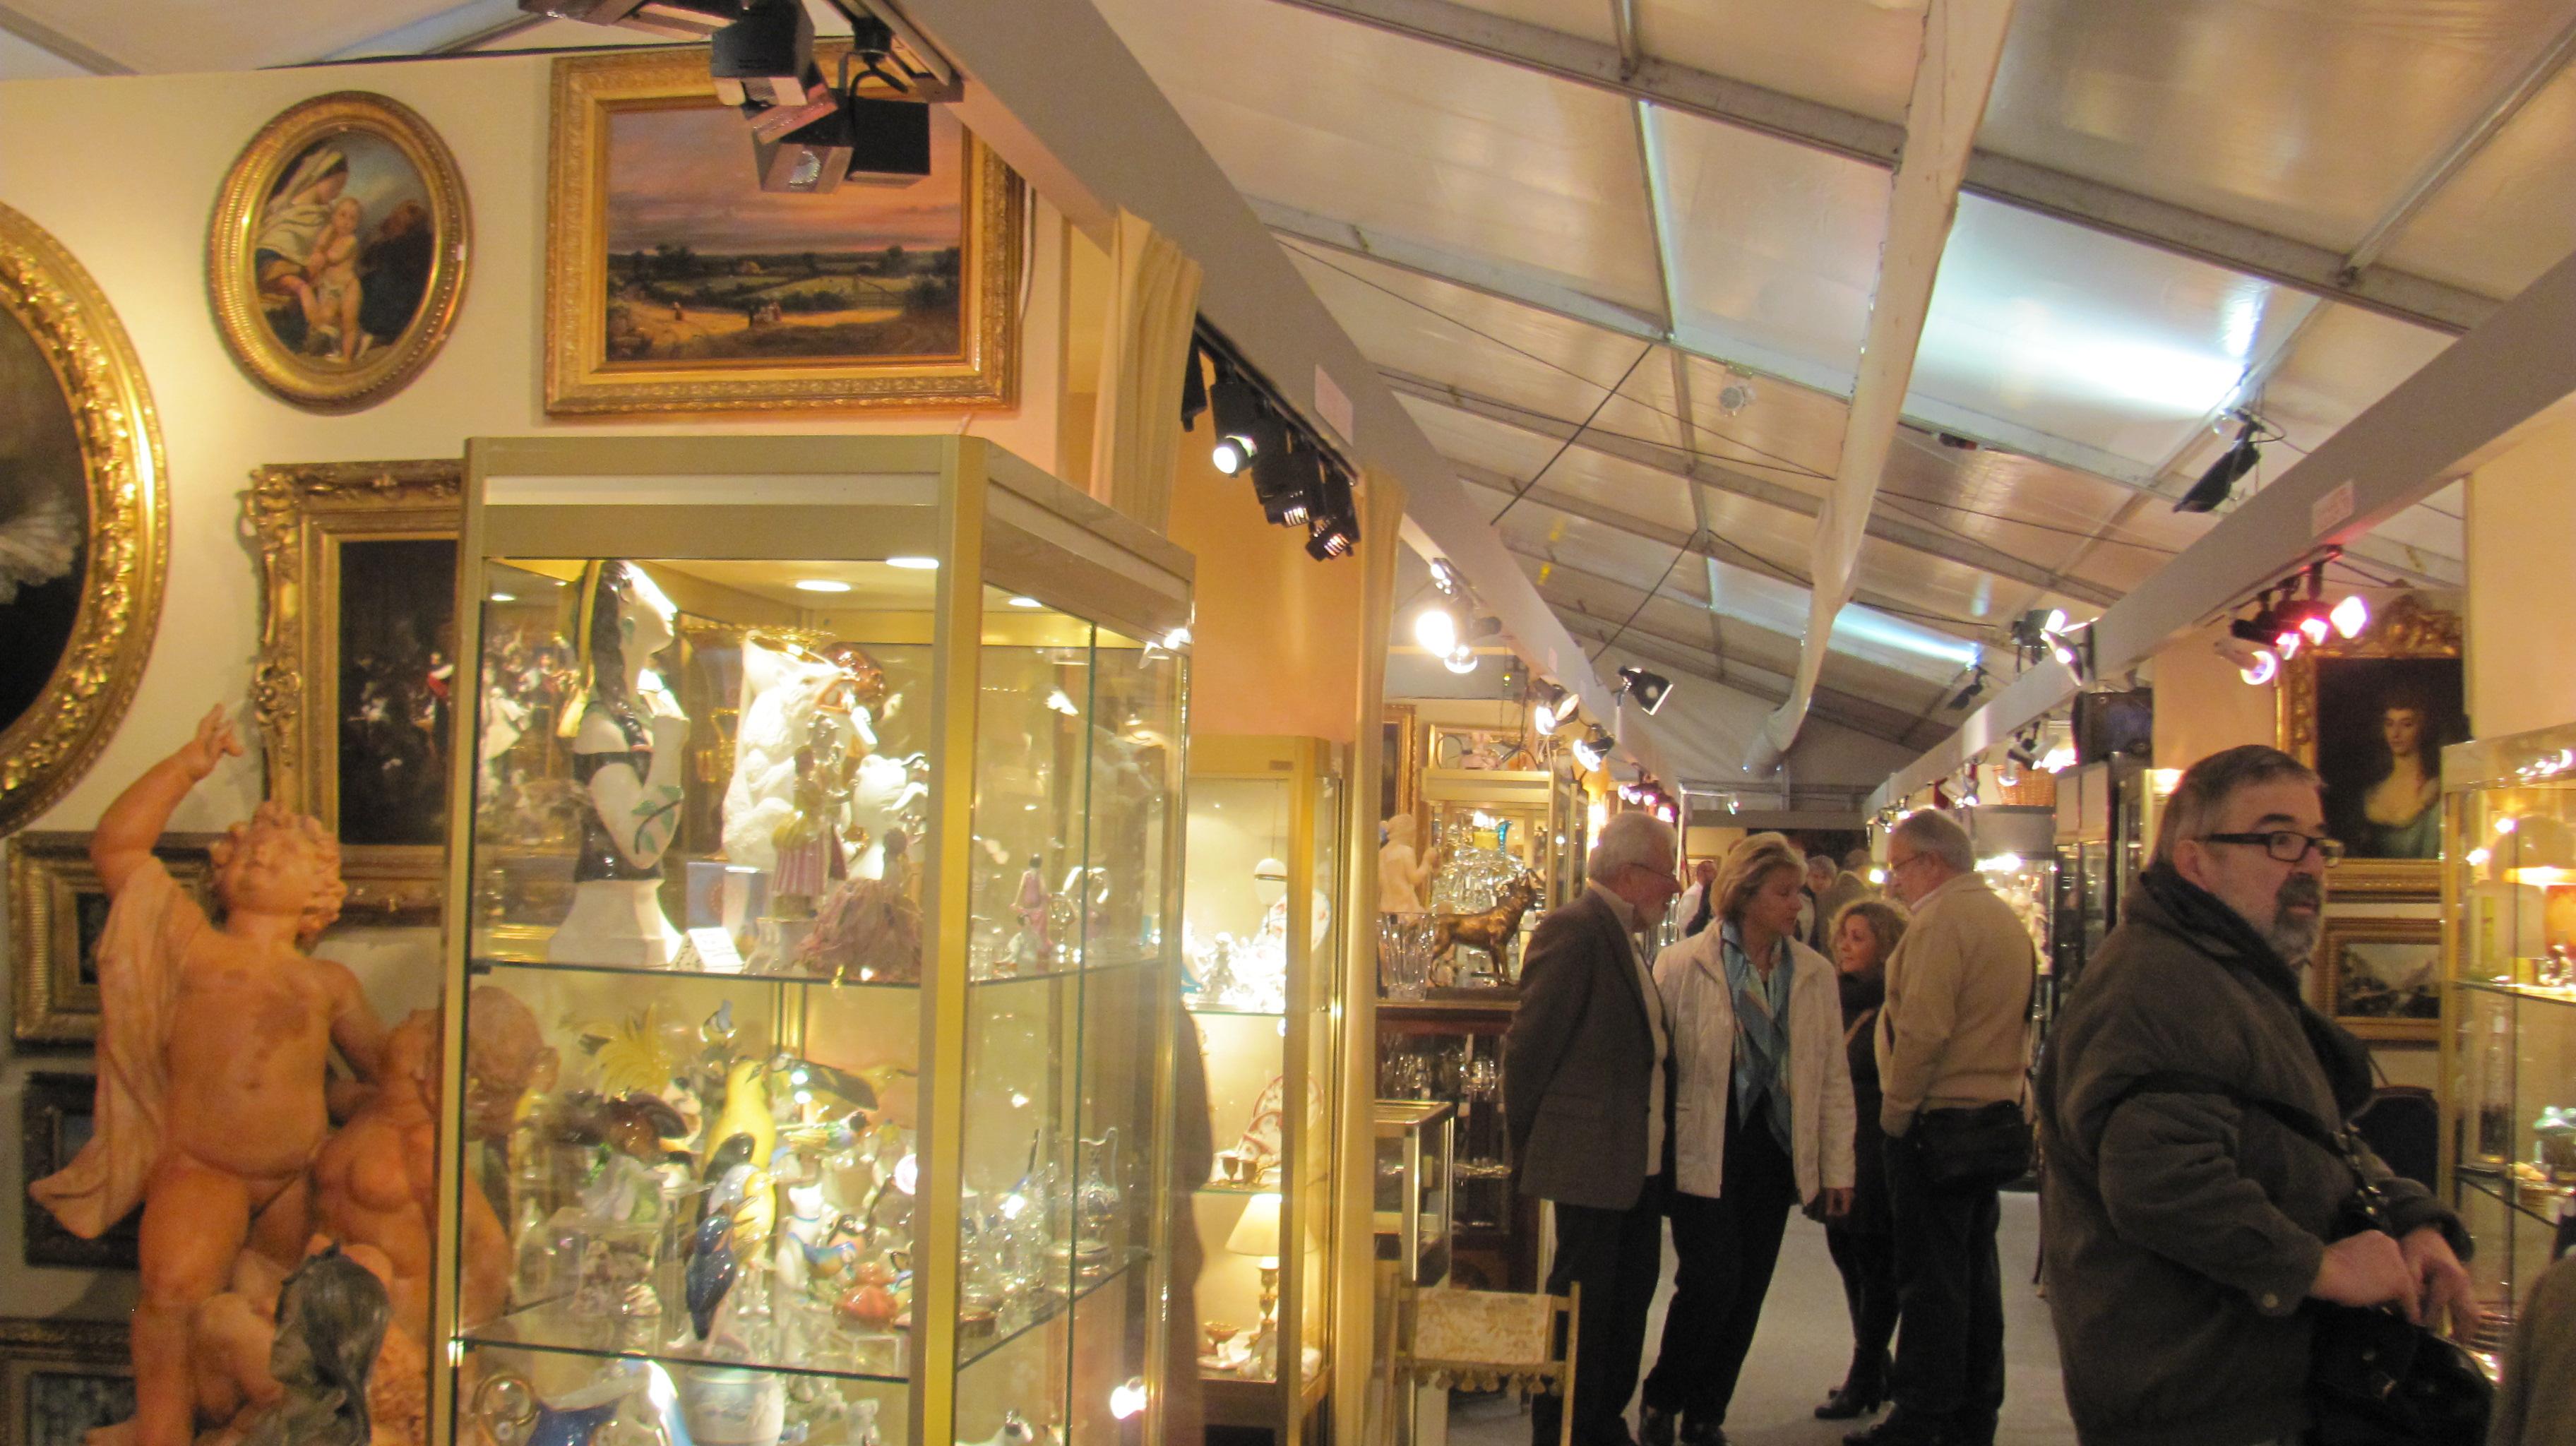 Paris le blog de christian pellicani - Salon de the bastille ...